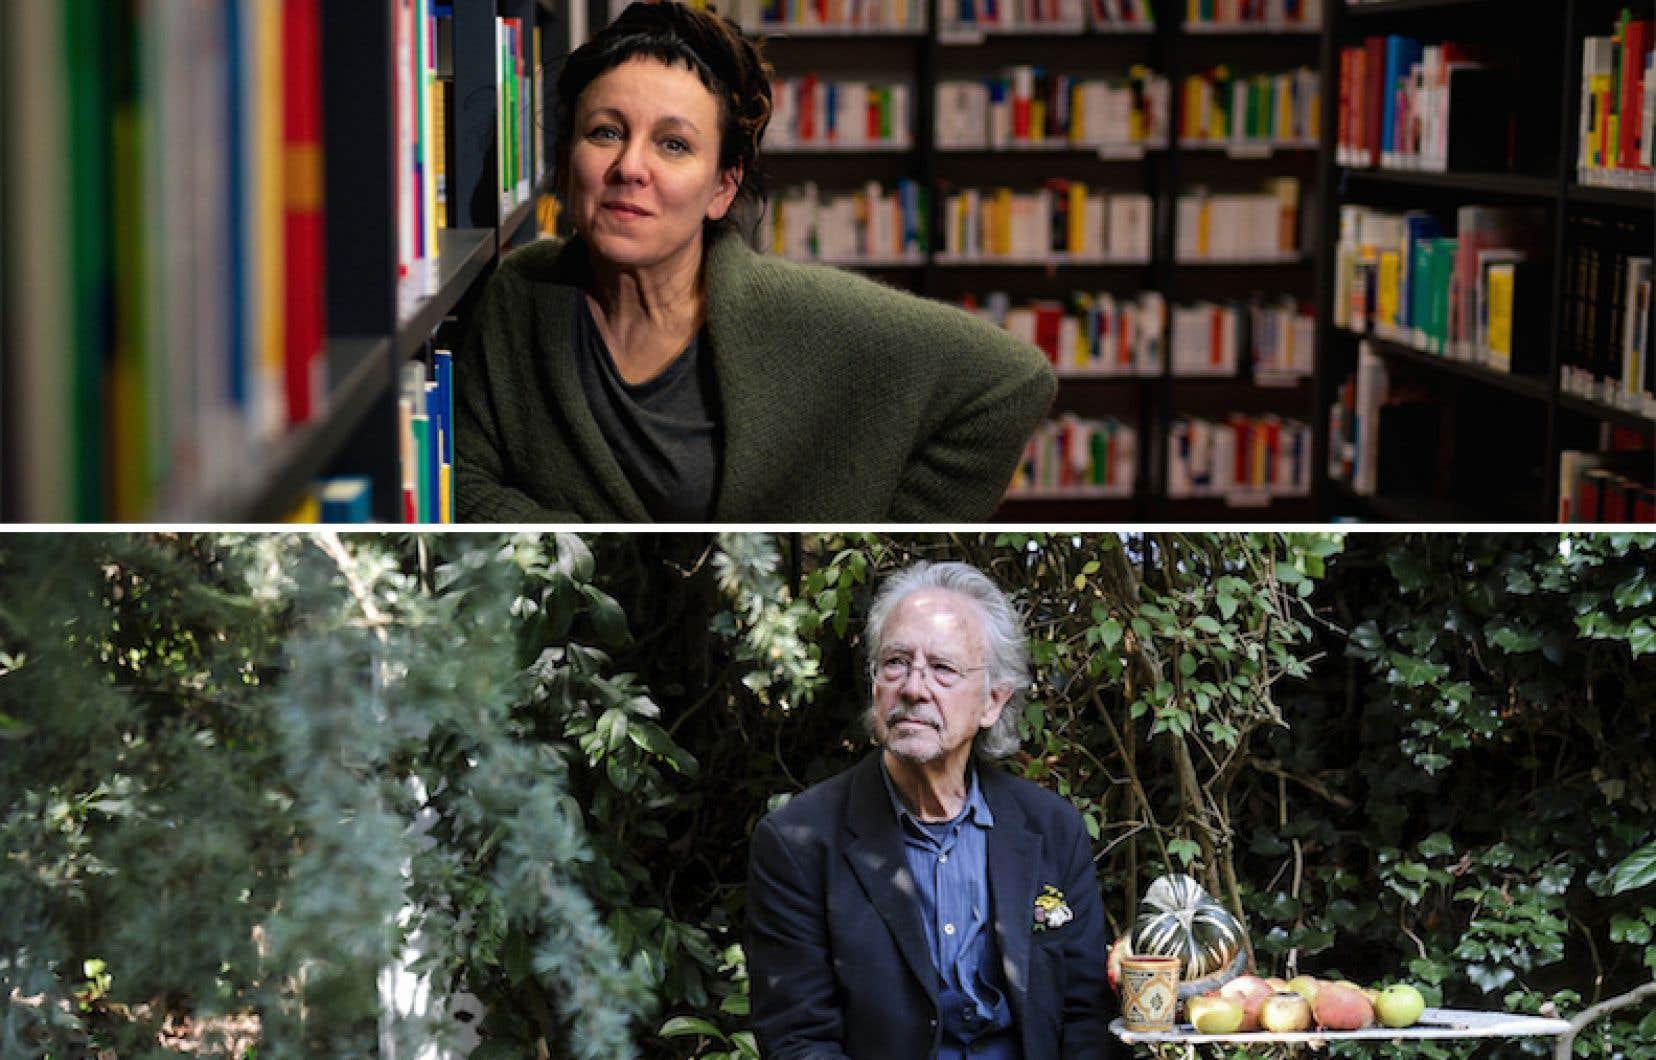 L'écrivaine polonaise Olga Tokarczuk et son homologue autrichien Peter Handke